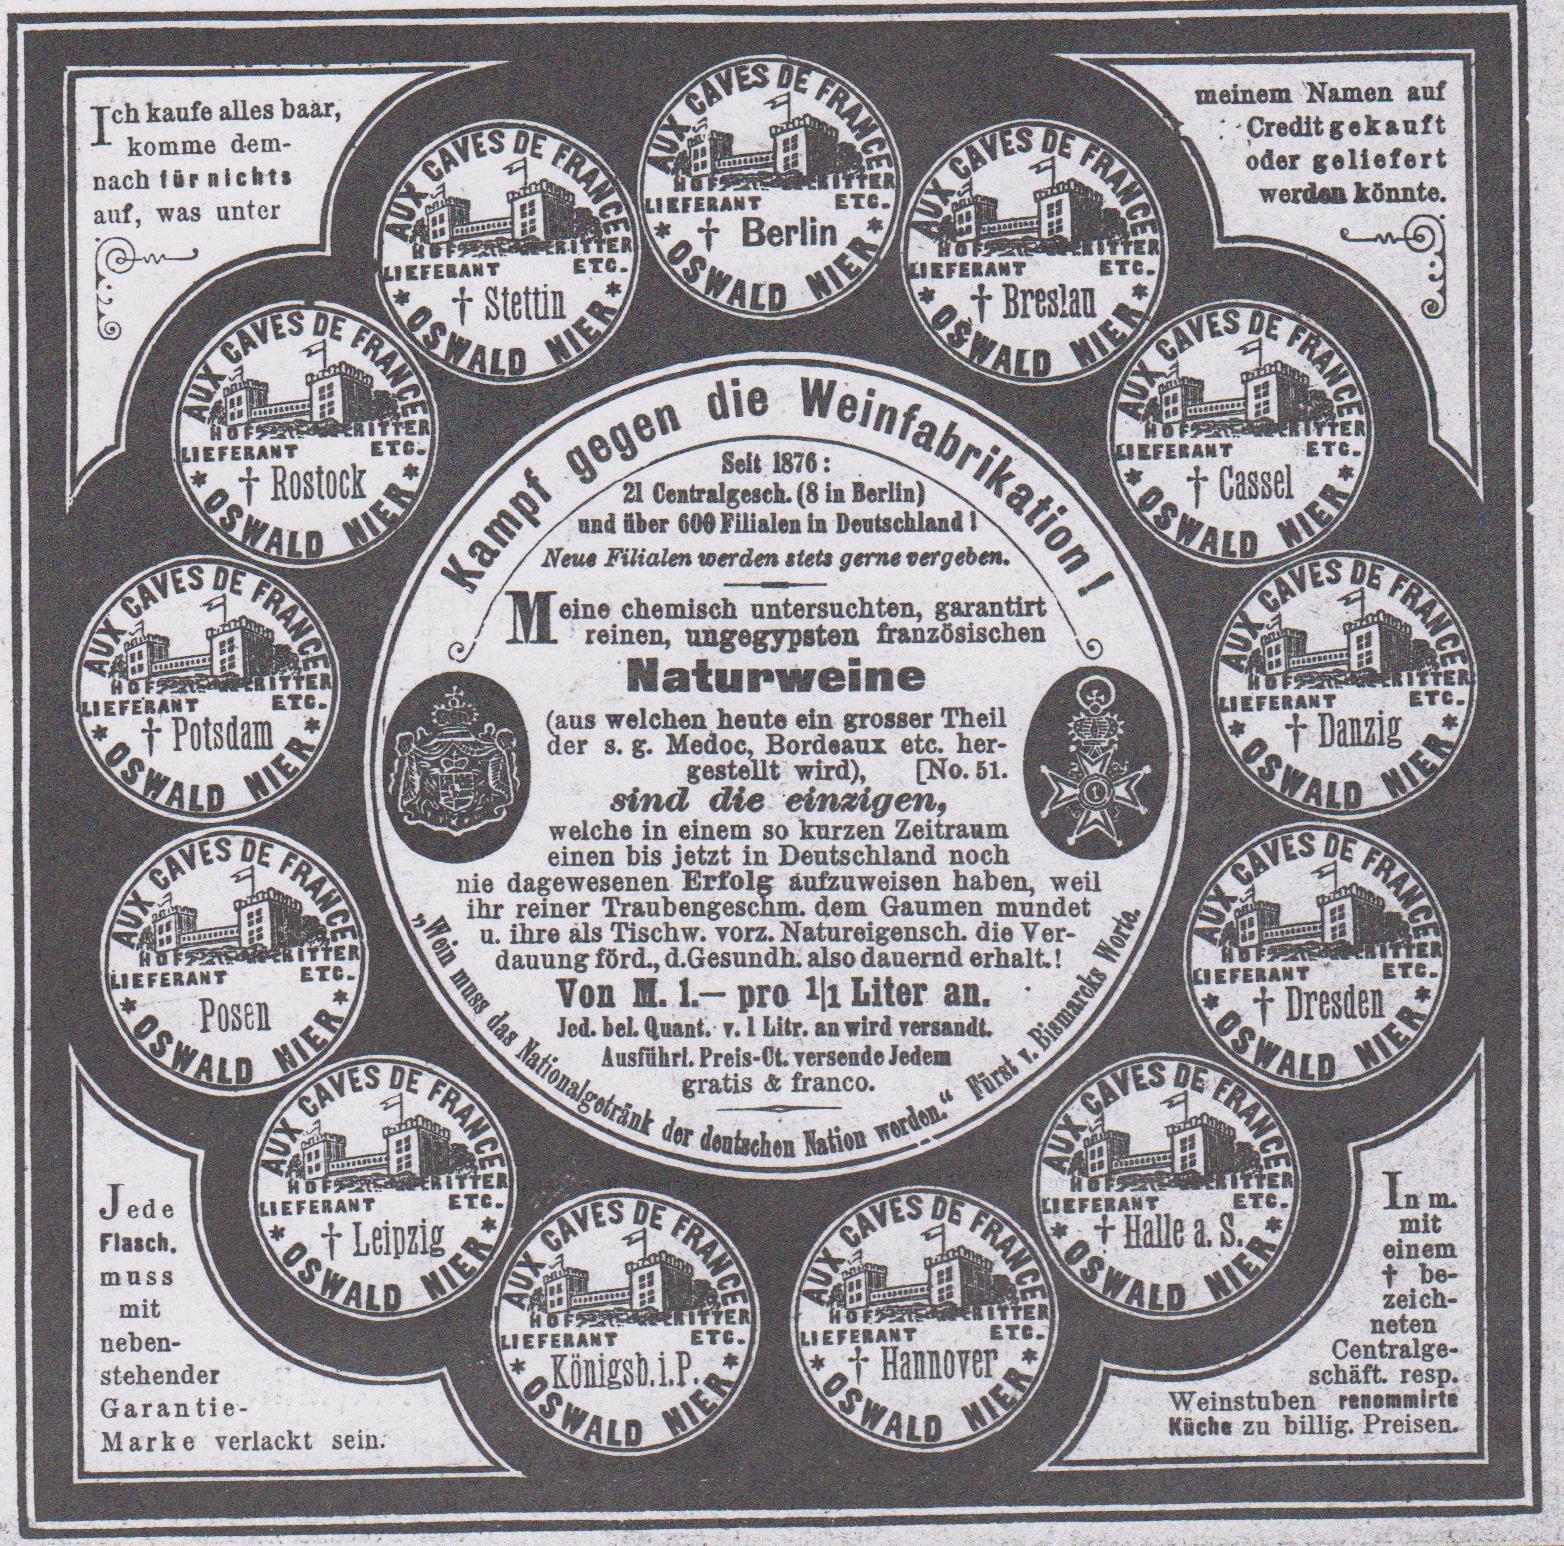 04-Fliegende Blätter_082_1885_Nr2064_Beibl_p02_Wein_Naturwein_Oswald-Nier_Garantiemarke